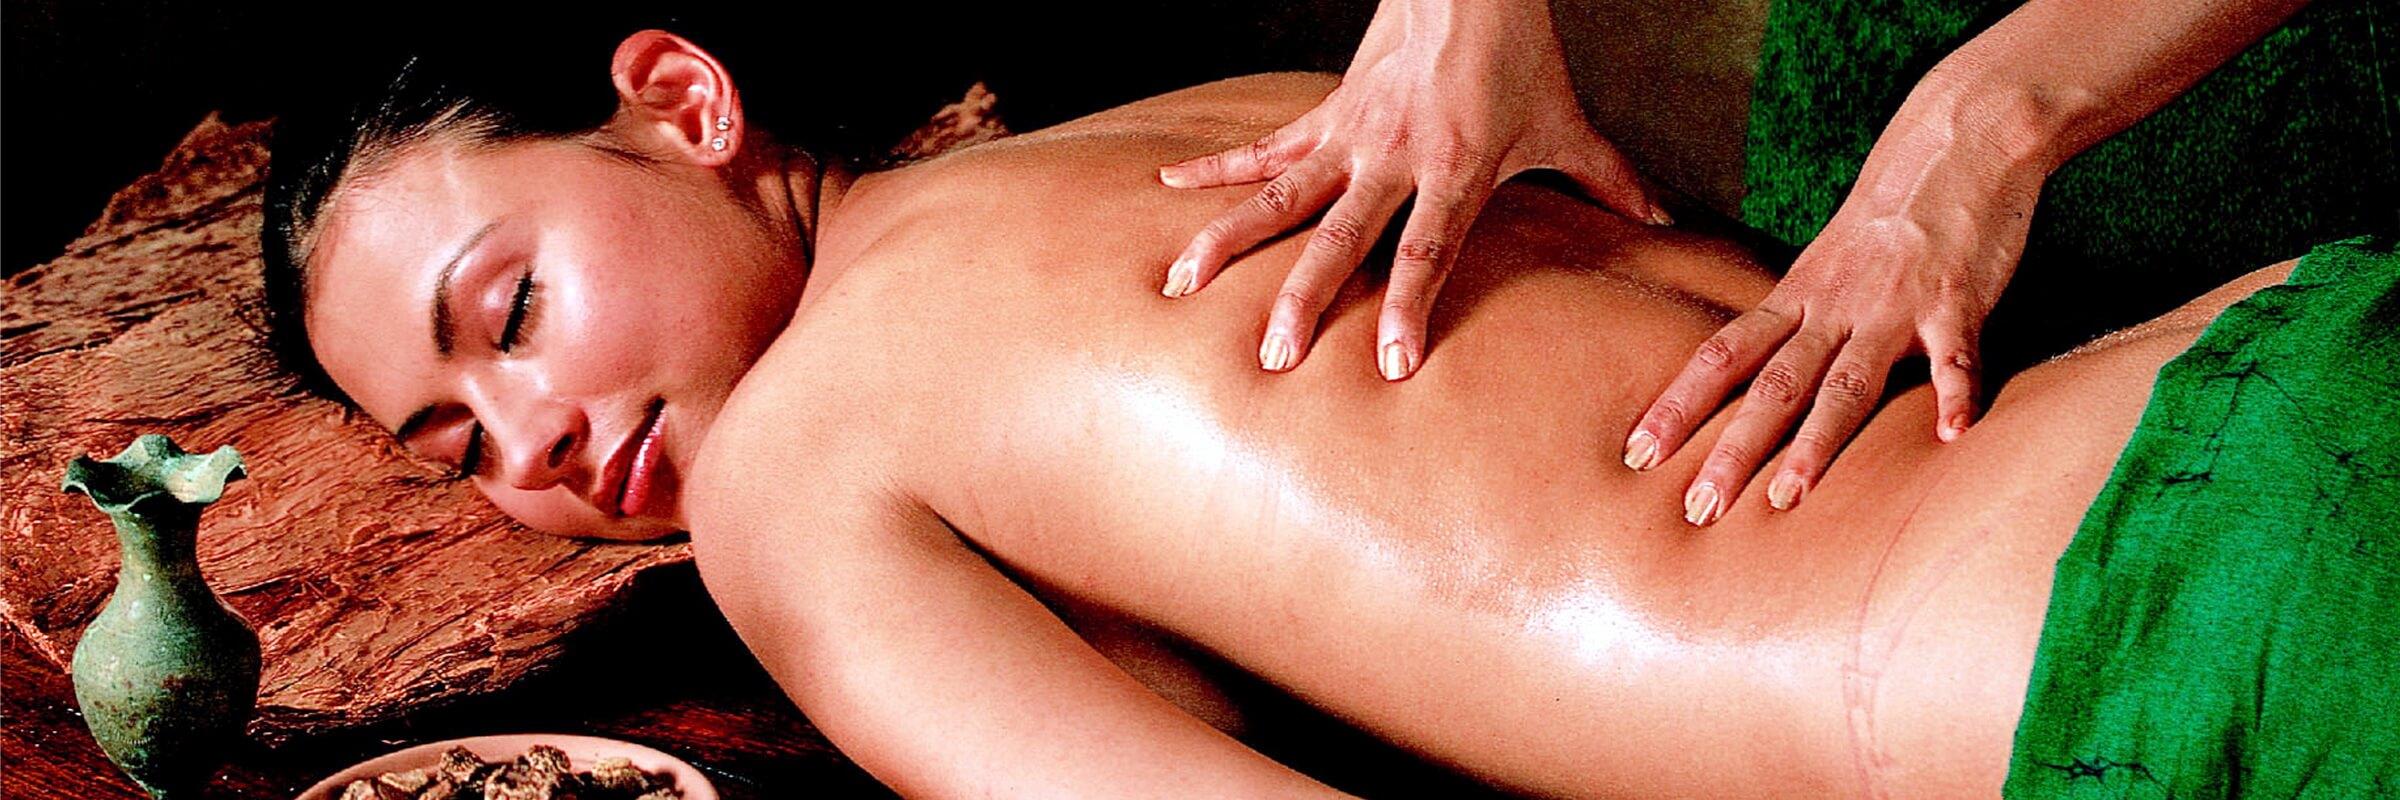 Traditionellen Ayurveda Massagen wird eine entspannende und heilende Wirkung nachgesagt.